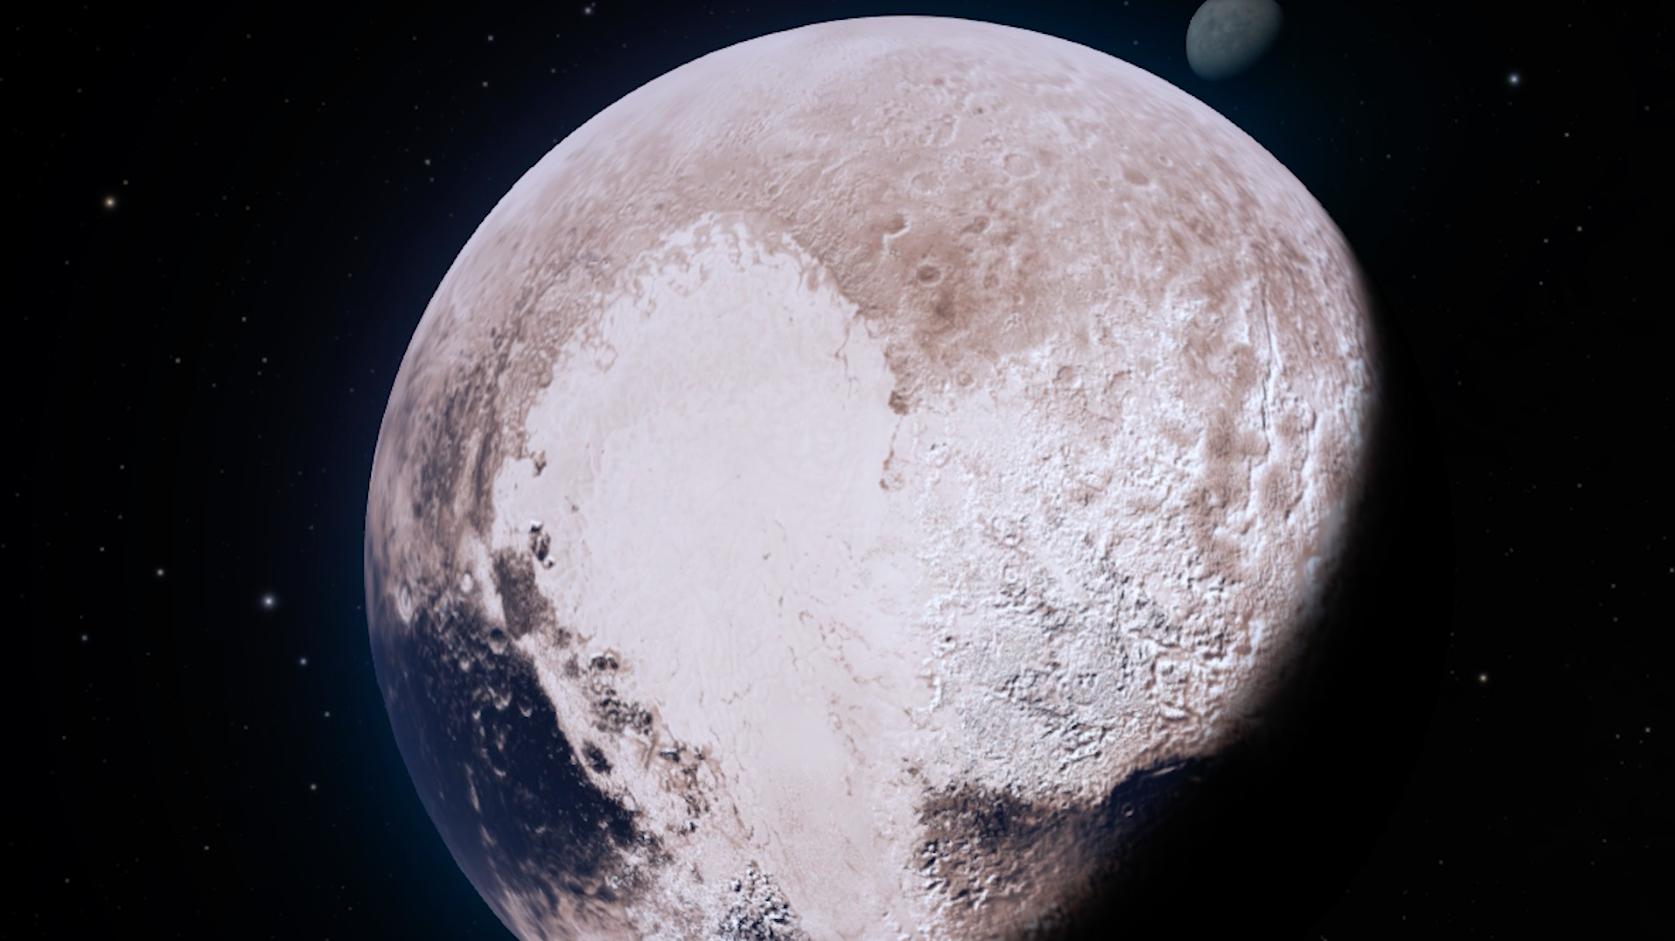 Exploring Pluto and the Kuiper Belt thumbnail